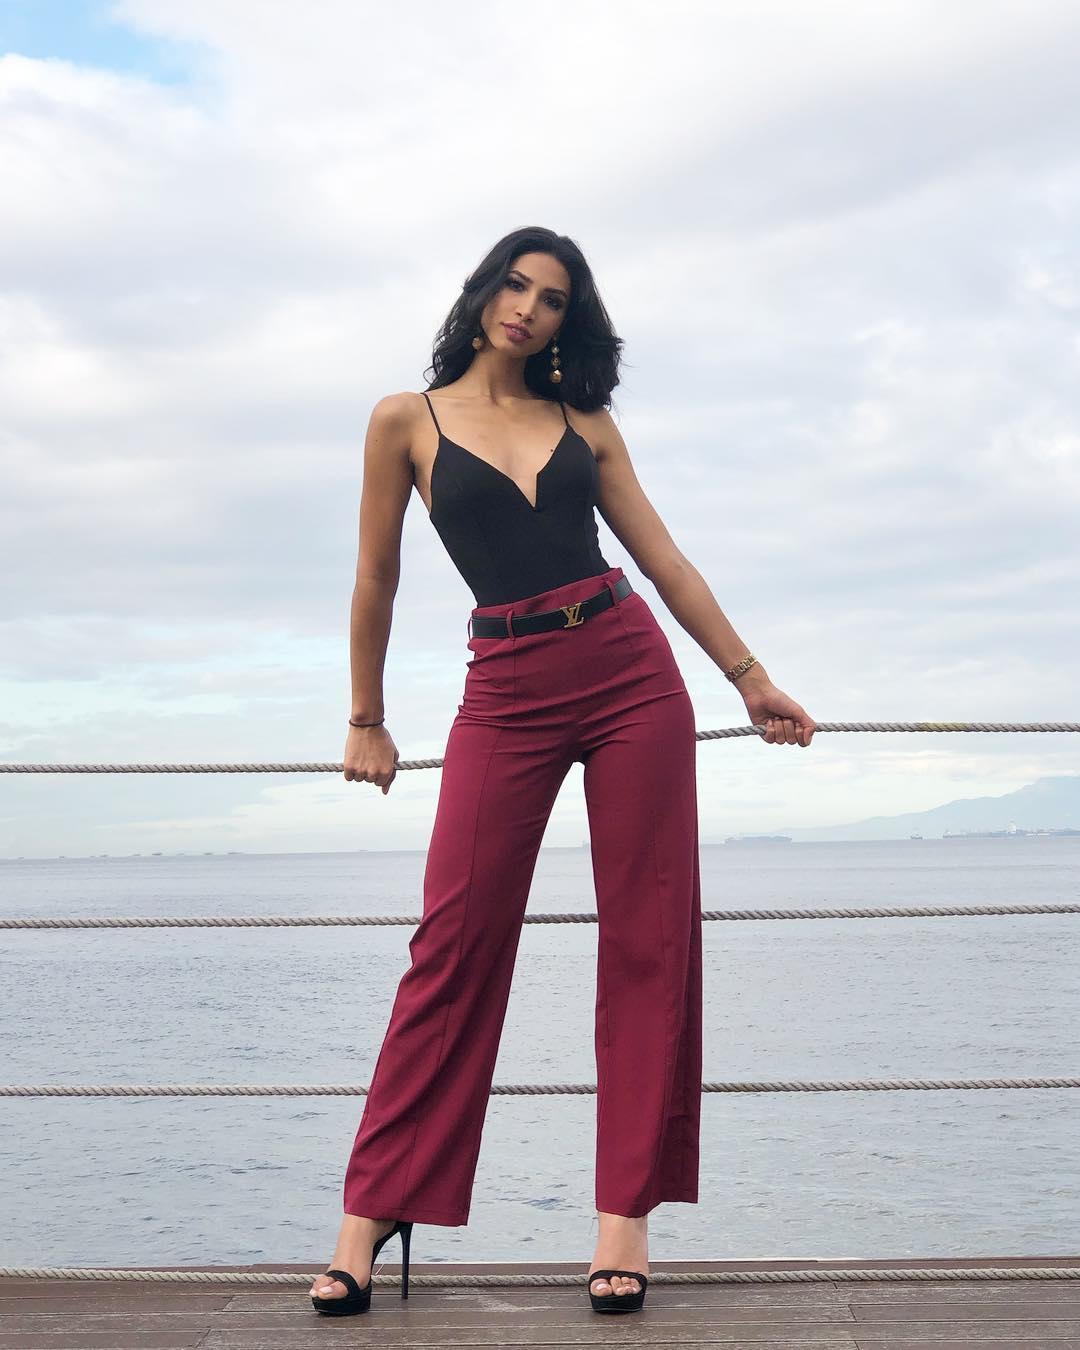 marianny egurrola, top 20 de miss intercontinental 2018-2019. - Página 6 49310710